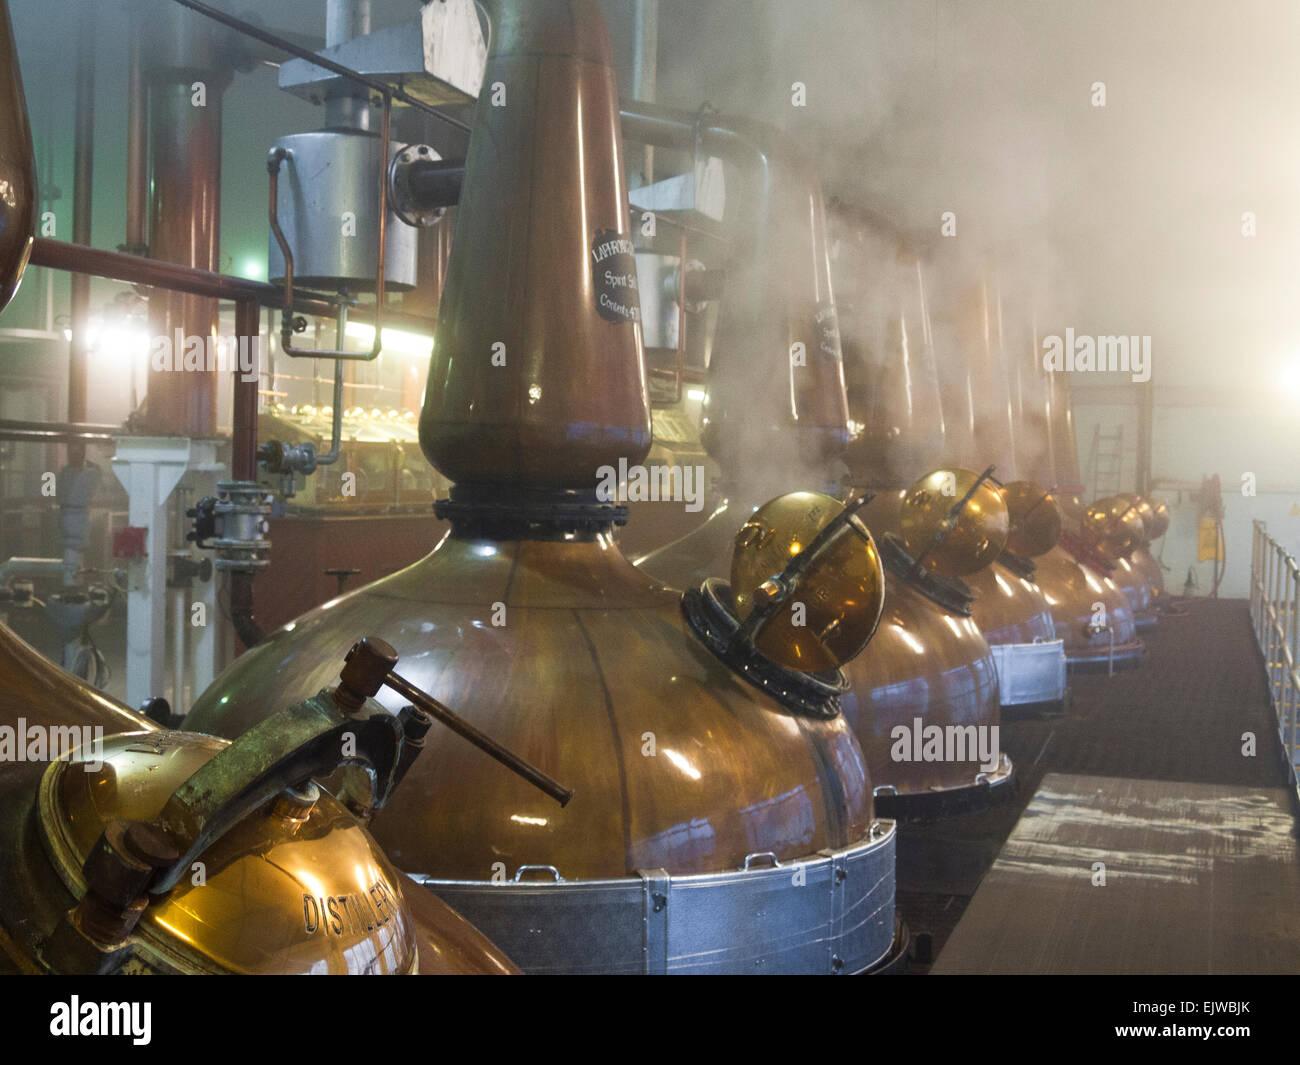 laphroaig distillery stills copper inside distillation process - Stock Image